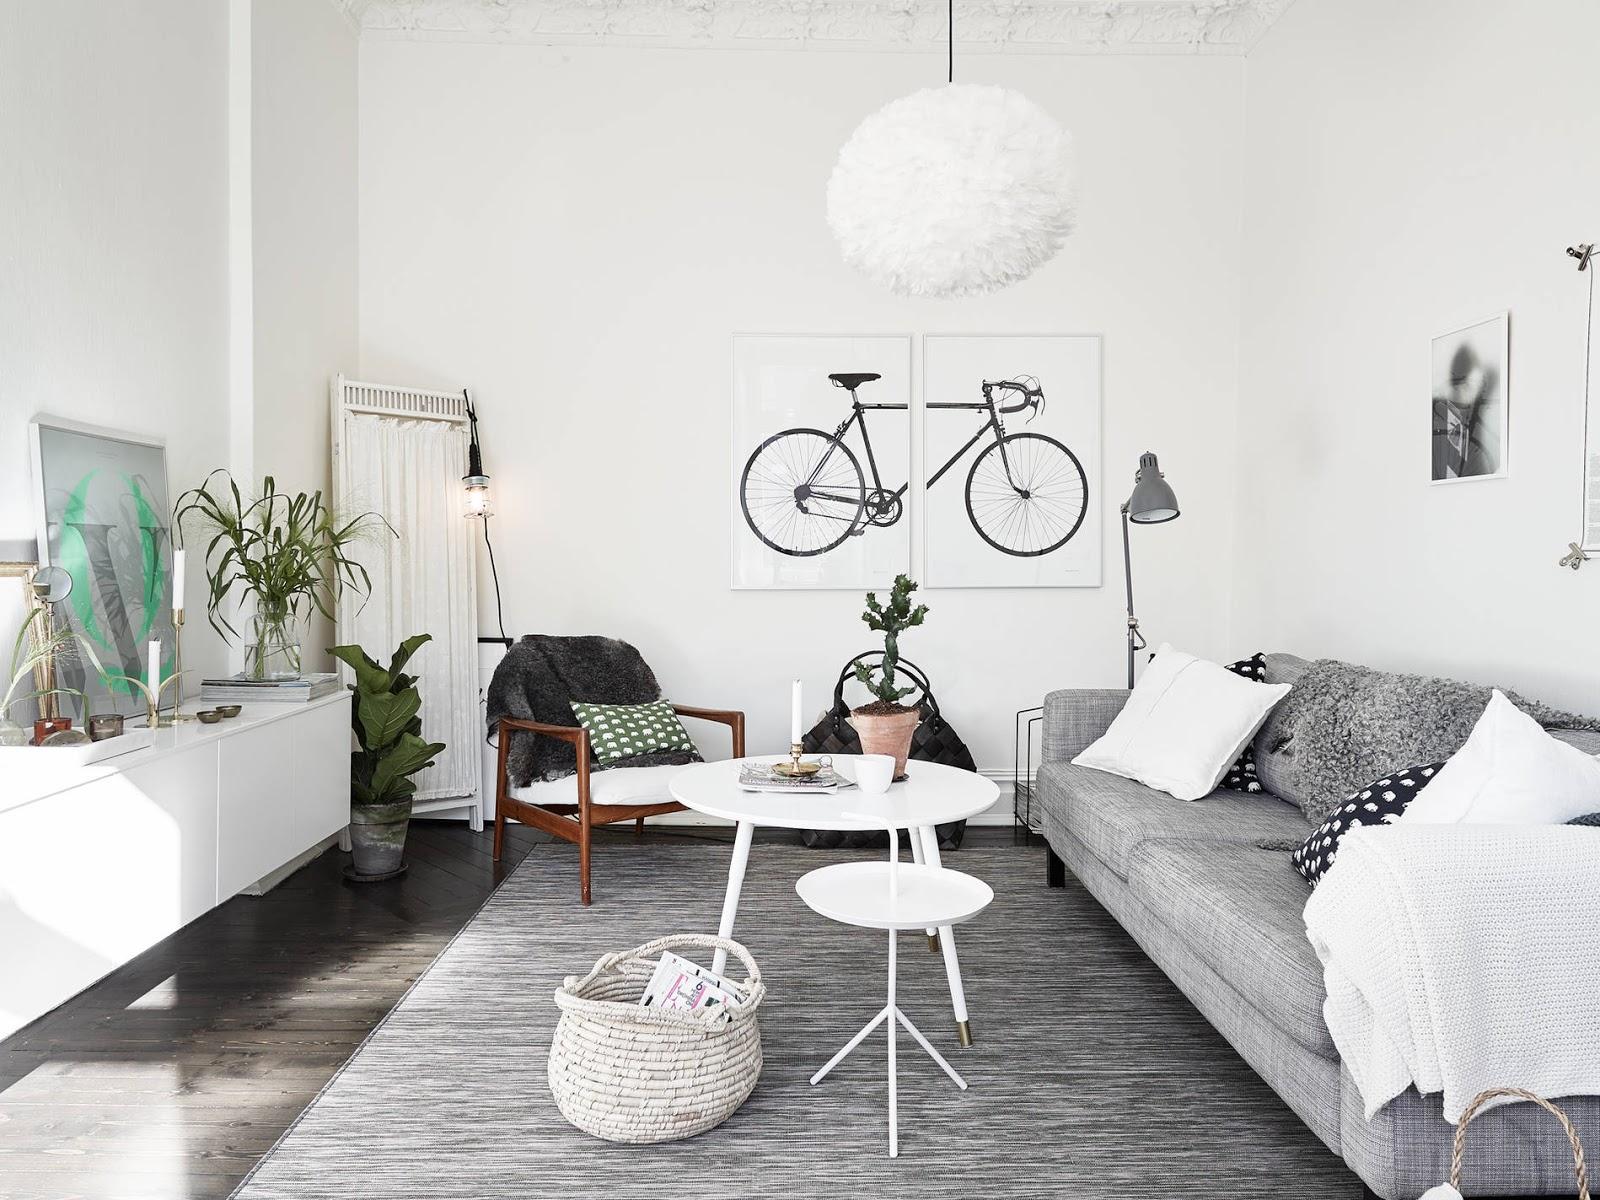 Appartamento romantico con pareti bianche e pavimento scuro a ...